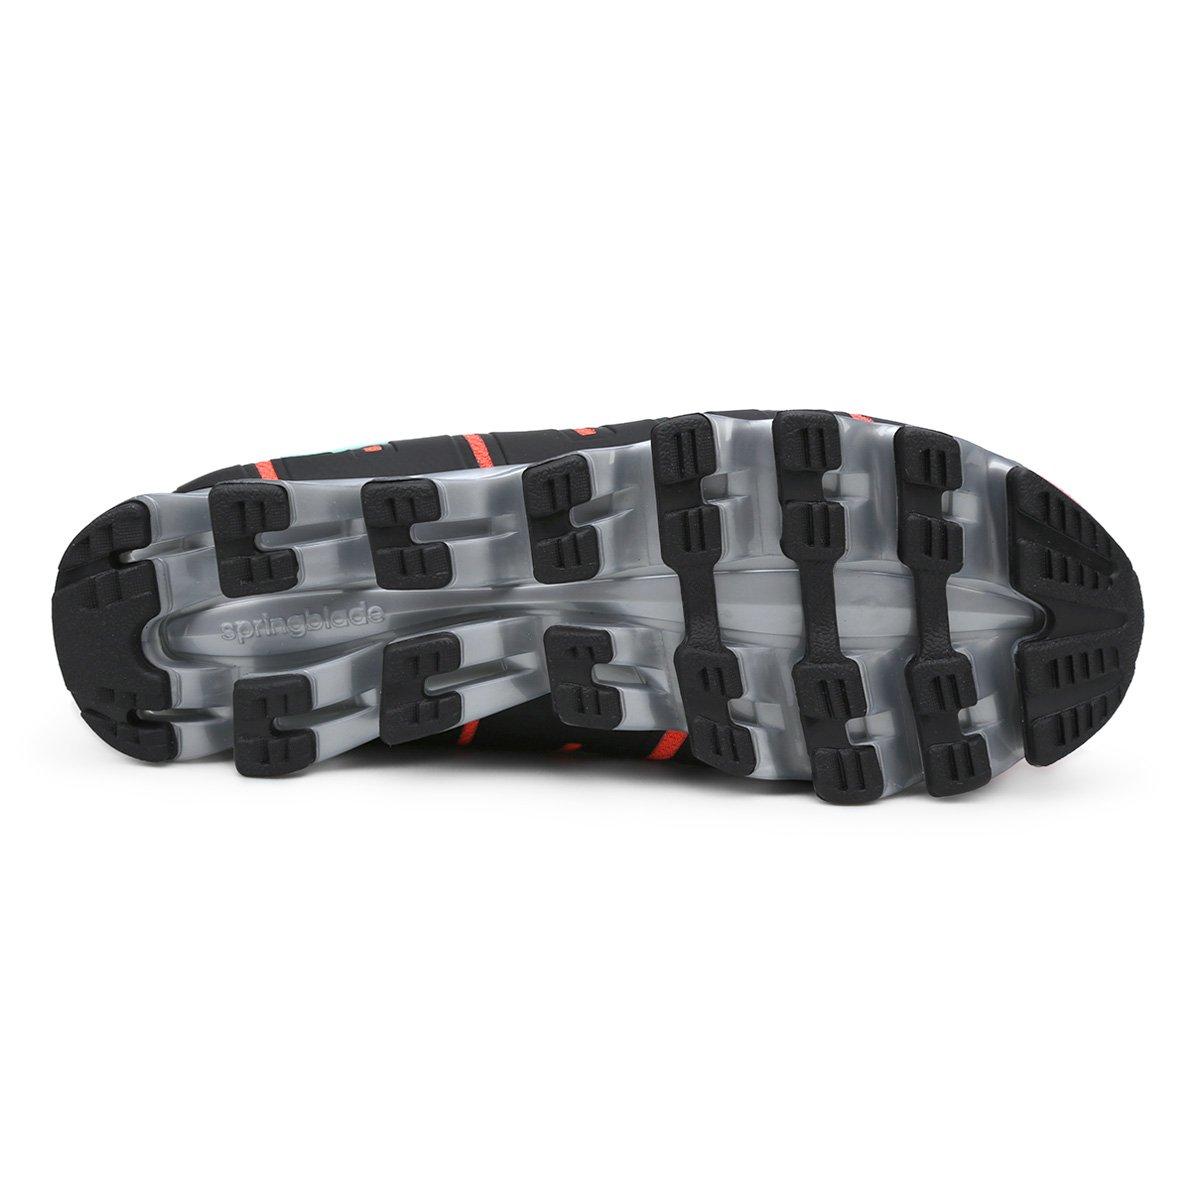 e Adidas Springblade Laranja Feminino Tênis Pro Preto Adidas Tênis gqw1tE0